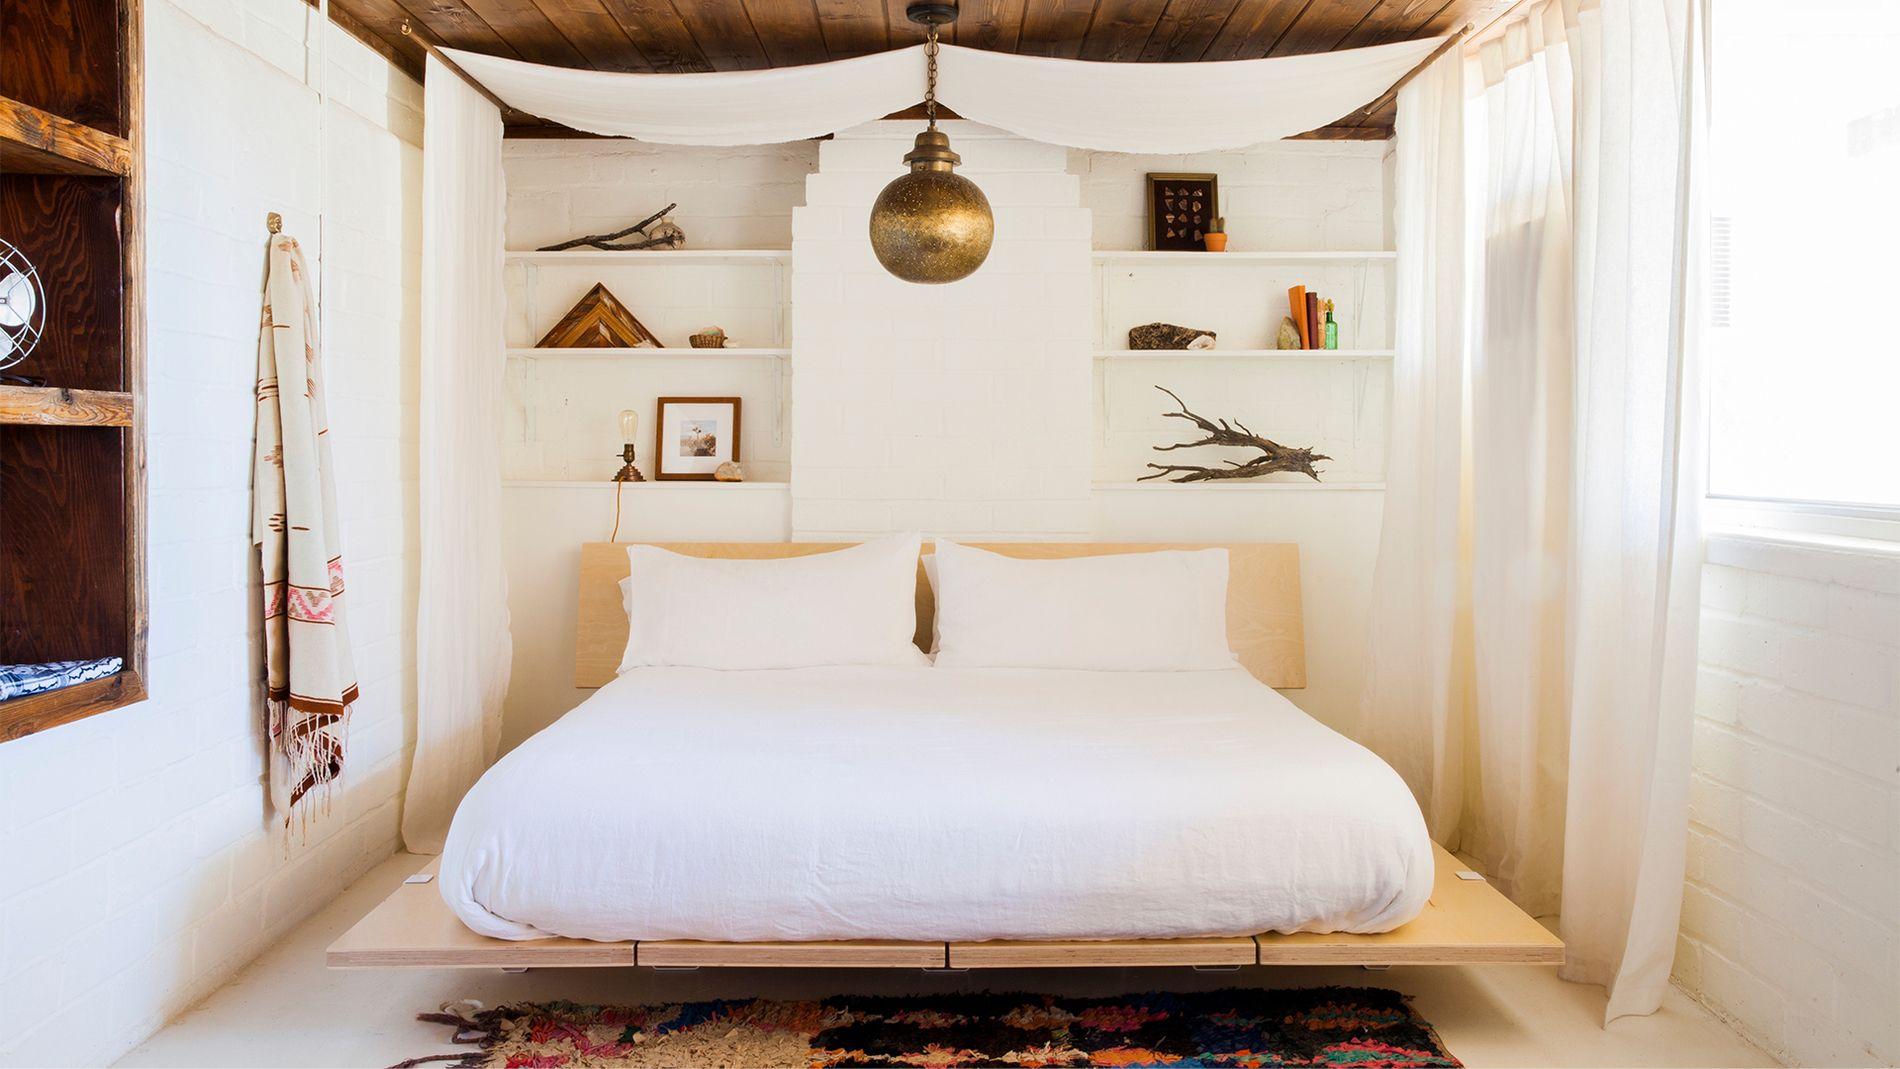 The Floyd Platform Bed Home bedroom, Floyd bed, Bed